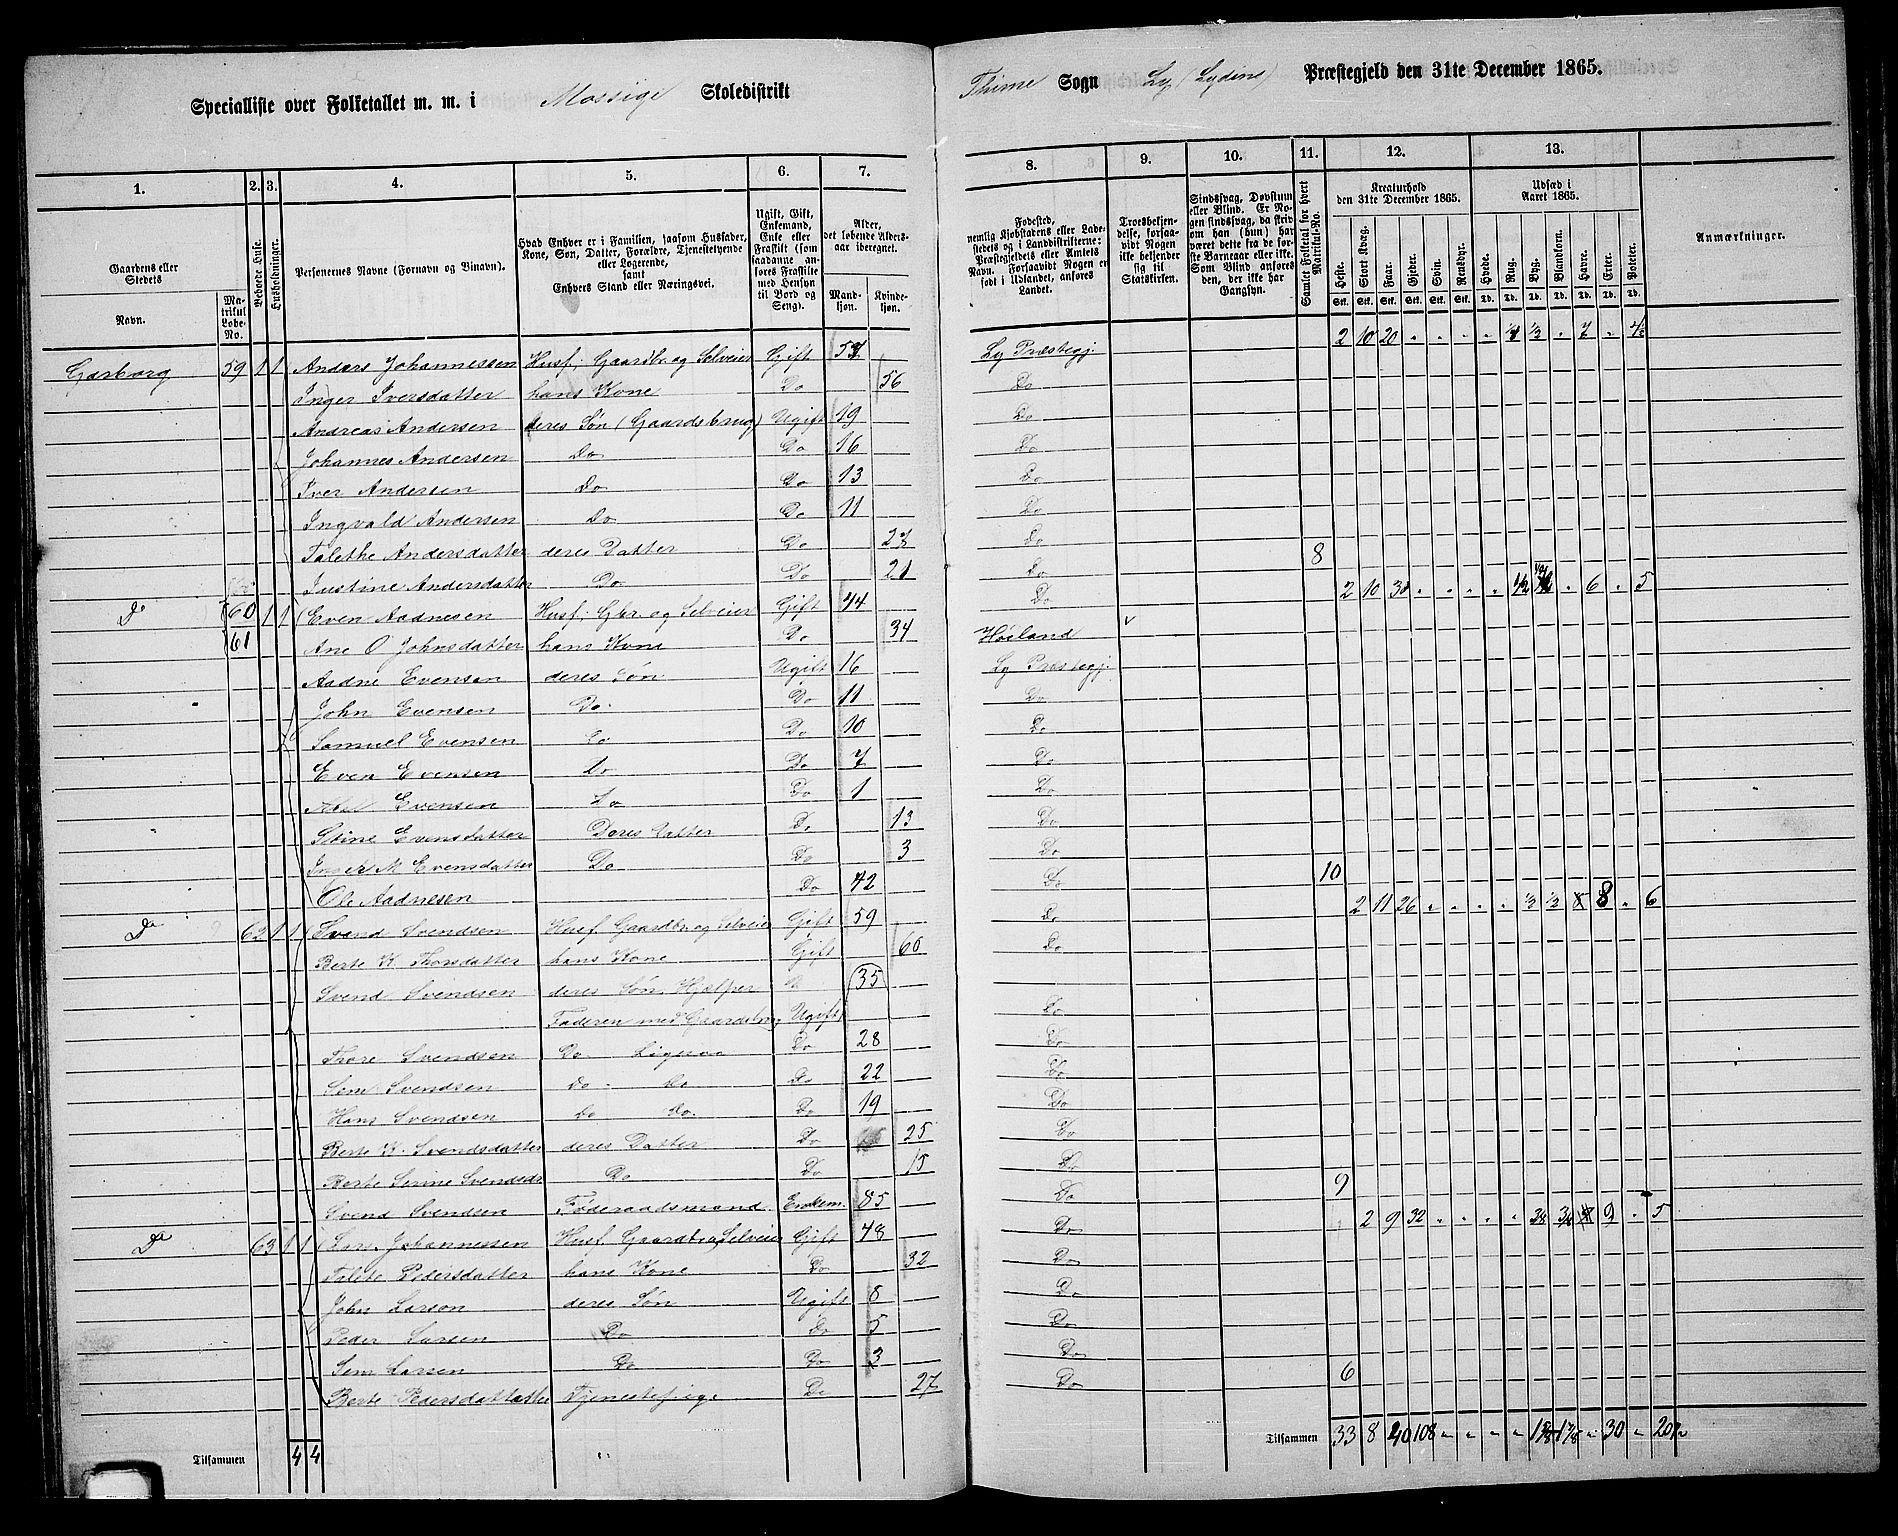 RA, Folketelling 1865 for 1121P Lye prestegjeld, 1865, s. 81